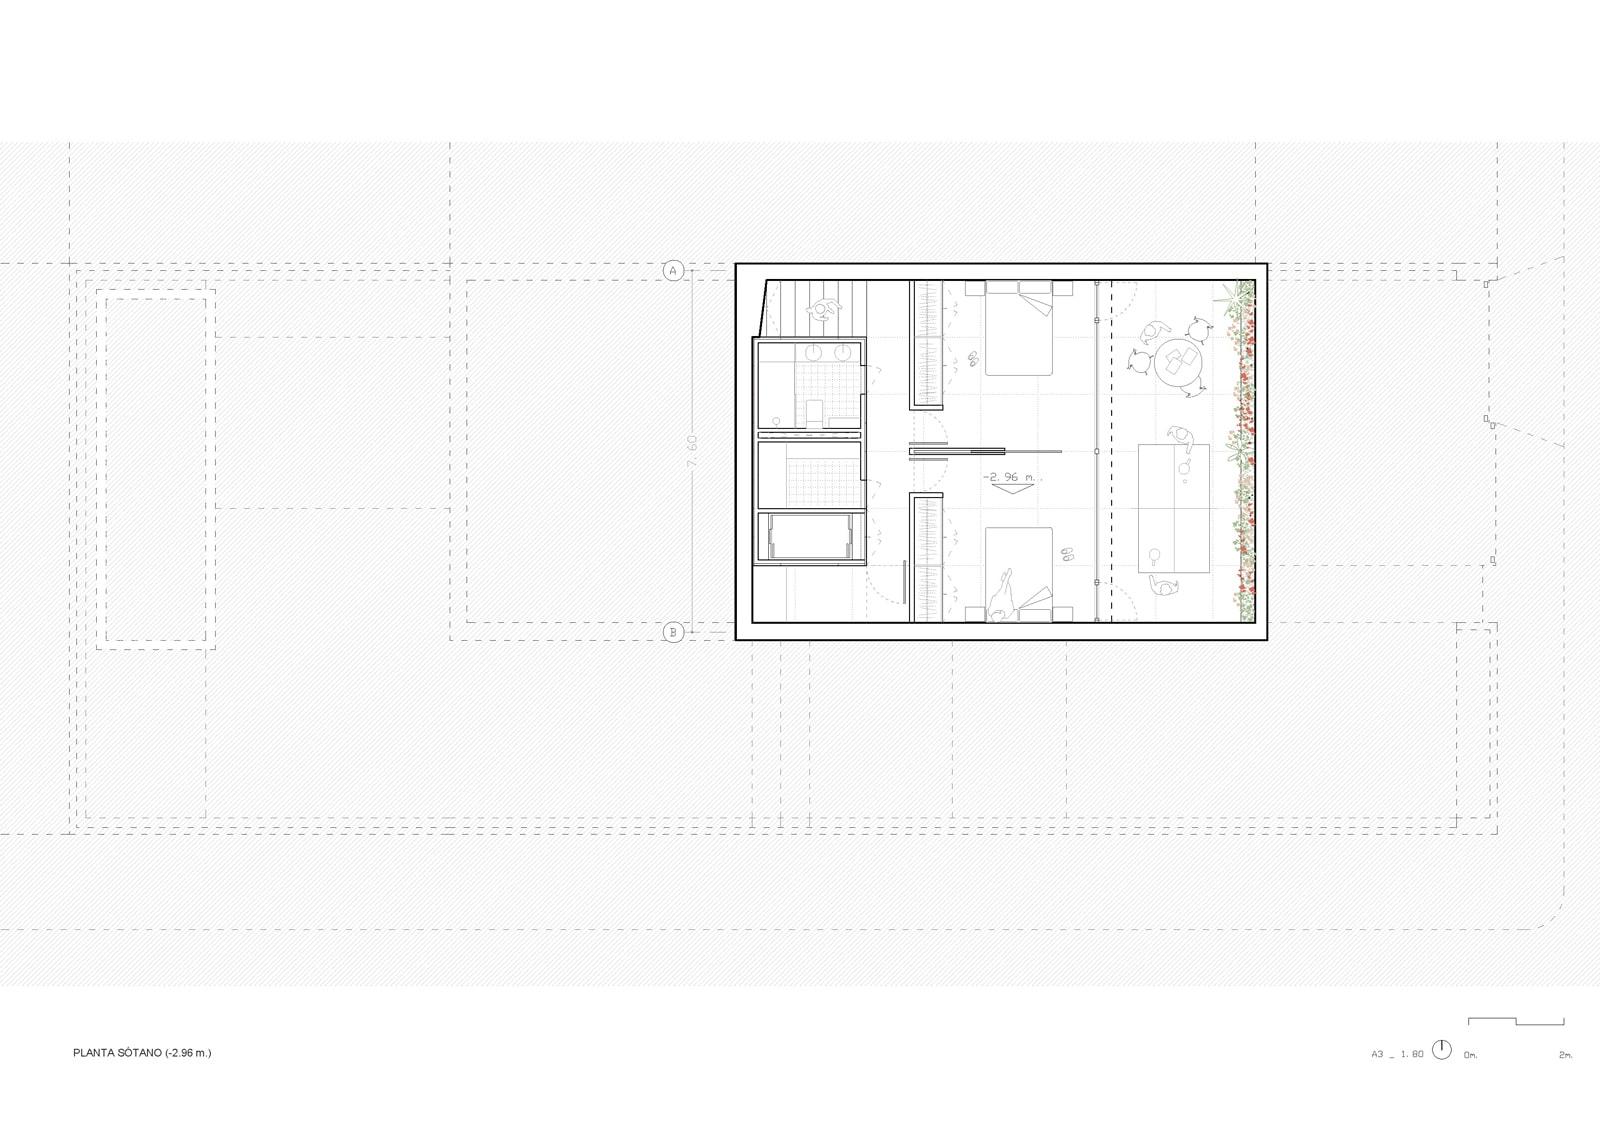 Woodcase House  - 20210907 AyllonParadelaDeAndres Woodcase 12.3 62